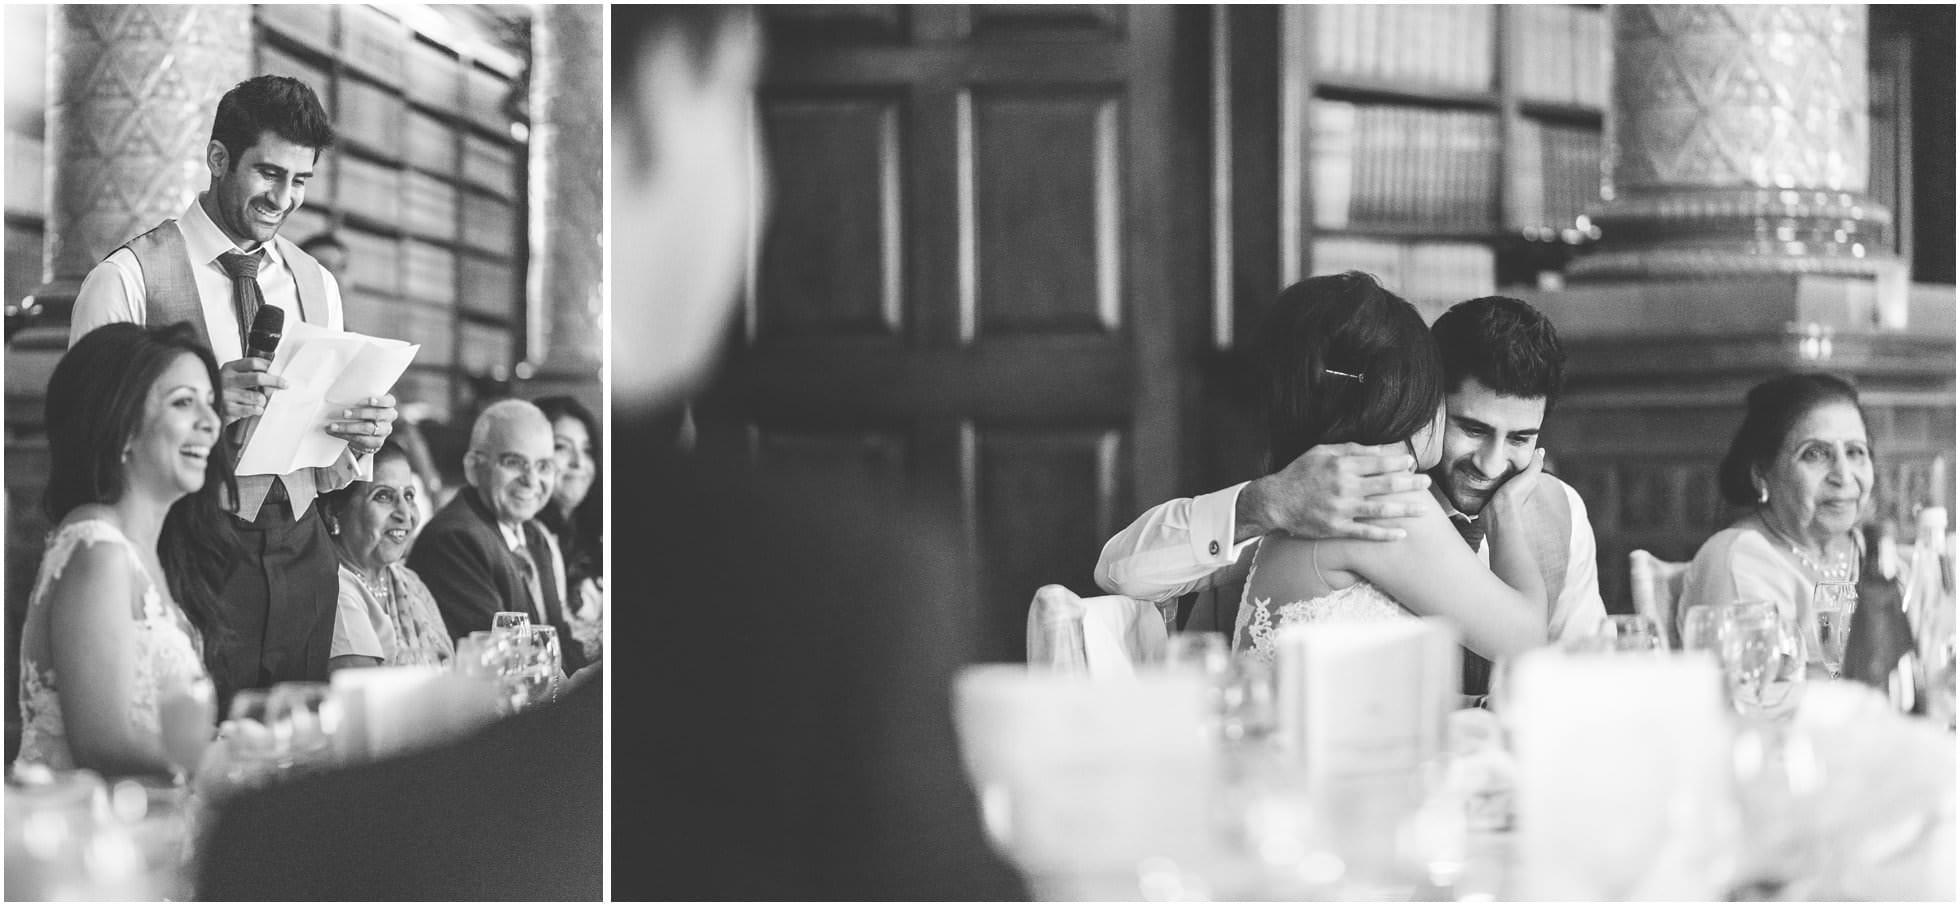 A hug after the groom's speech